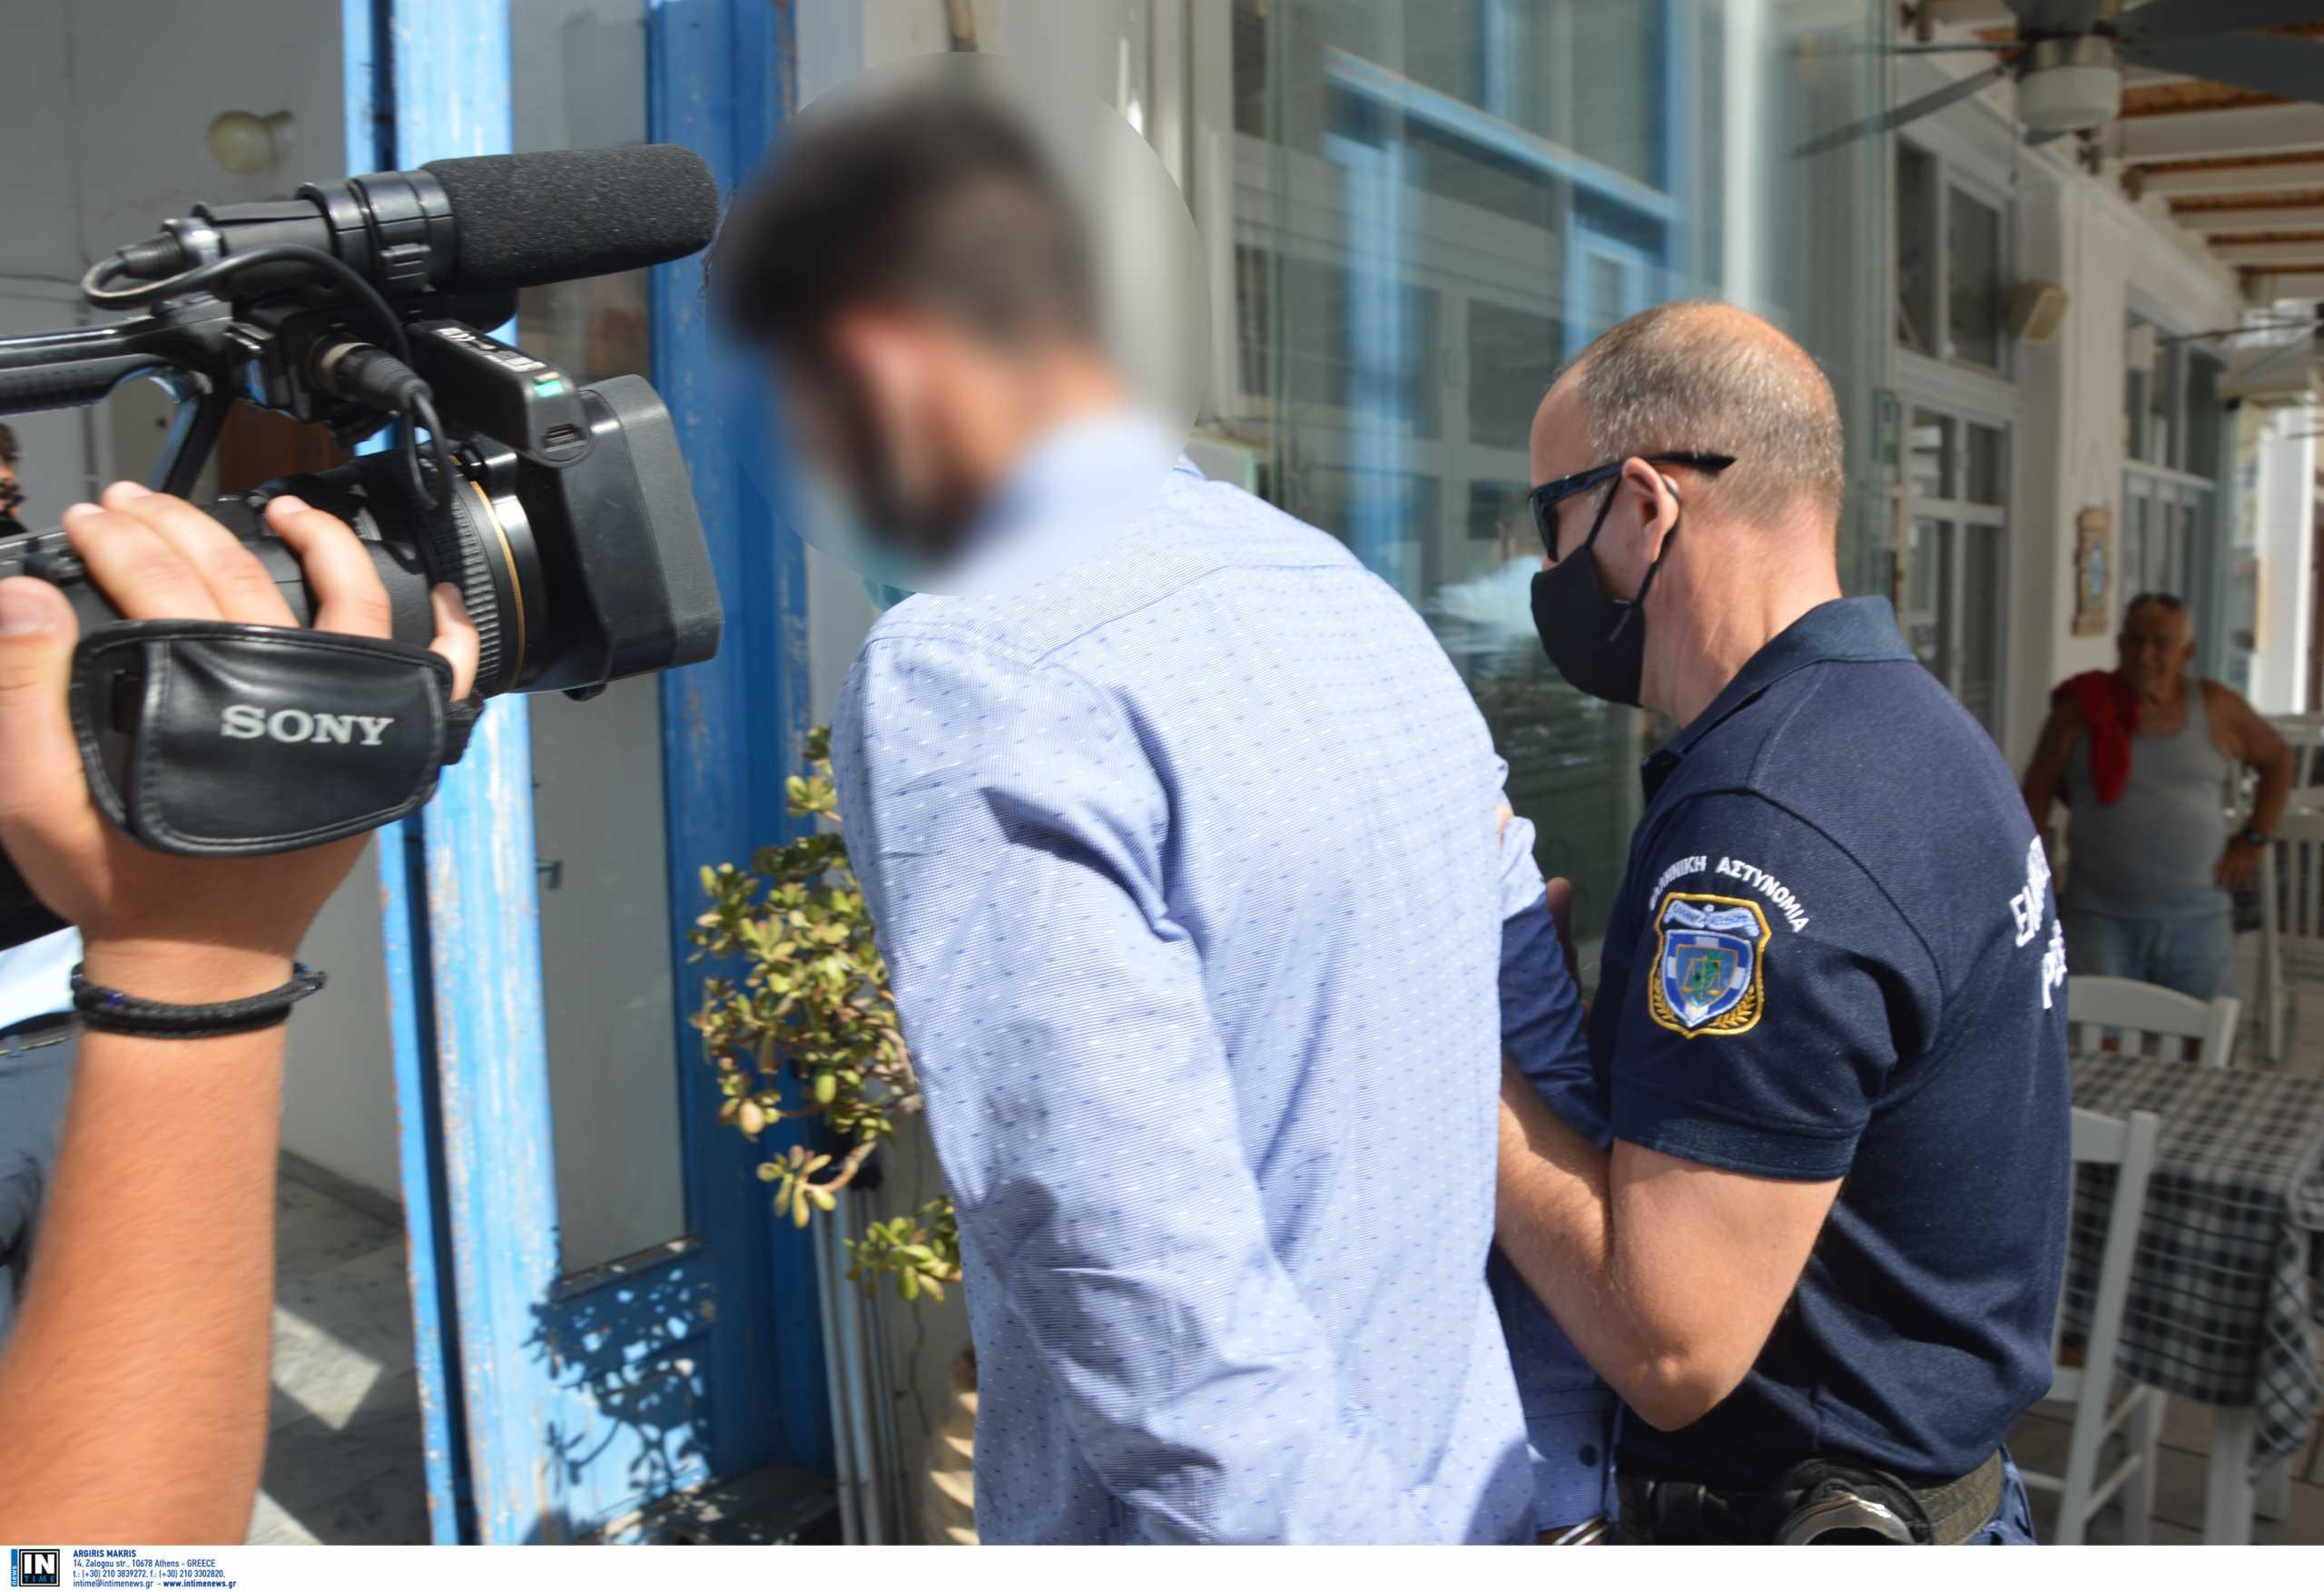 Φολέγανδρος: «Αλήτη ντροπή σου» – Οργή για τη δολοφονία της 26χρονης – Επανέλαβε πως «ήταν η κακιά στιγμή»